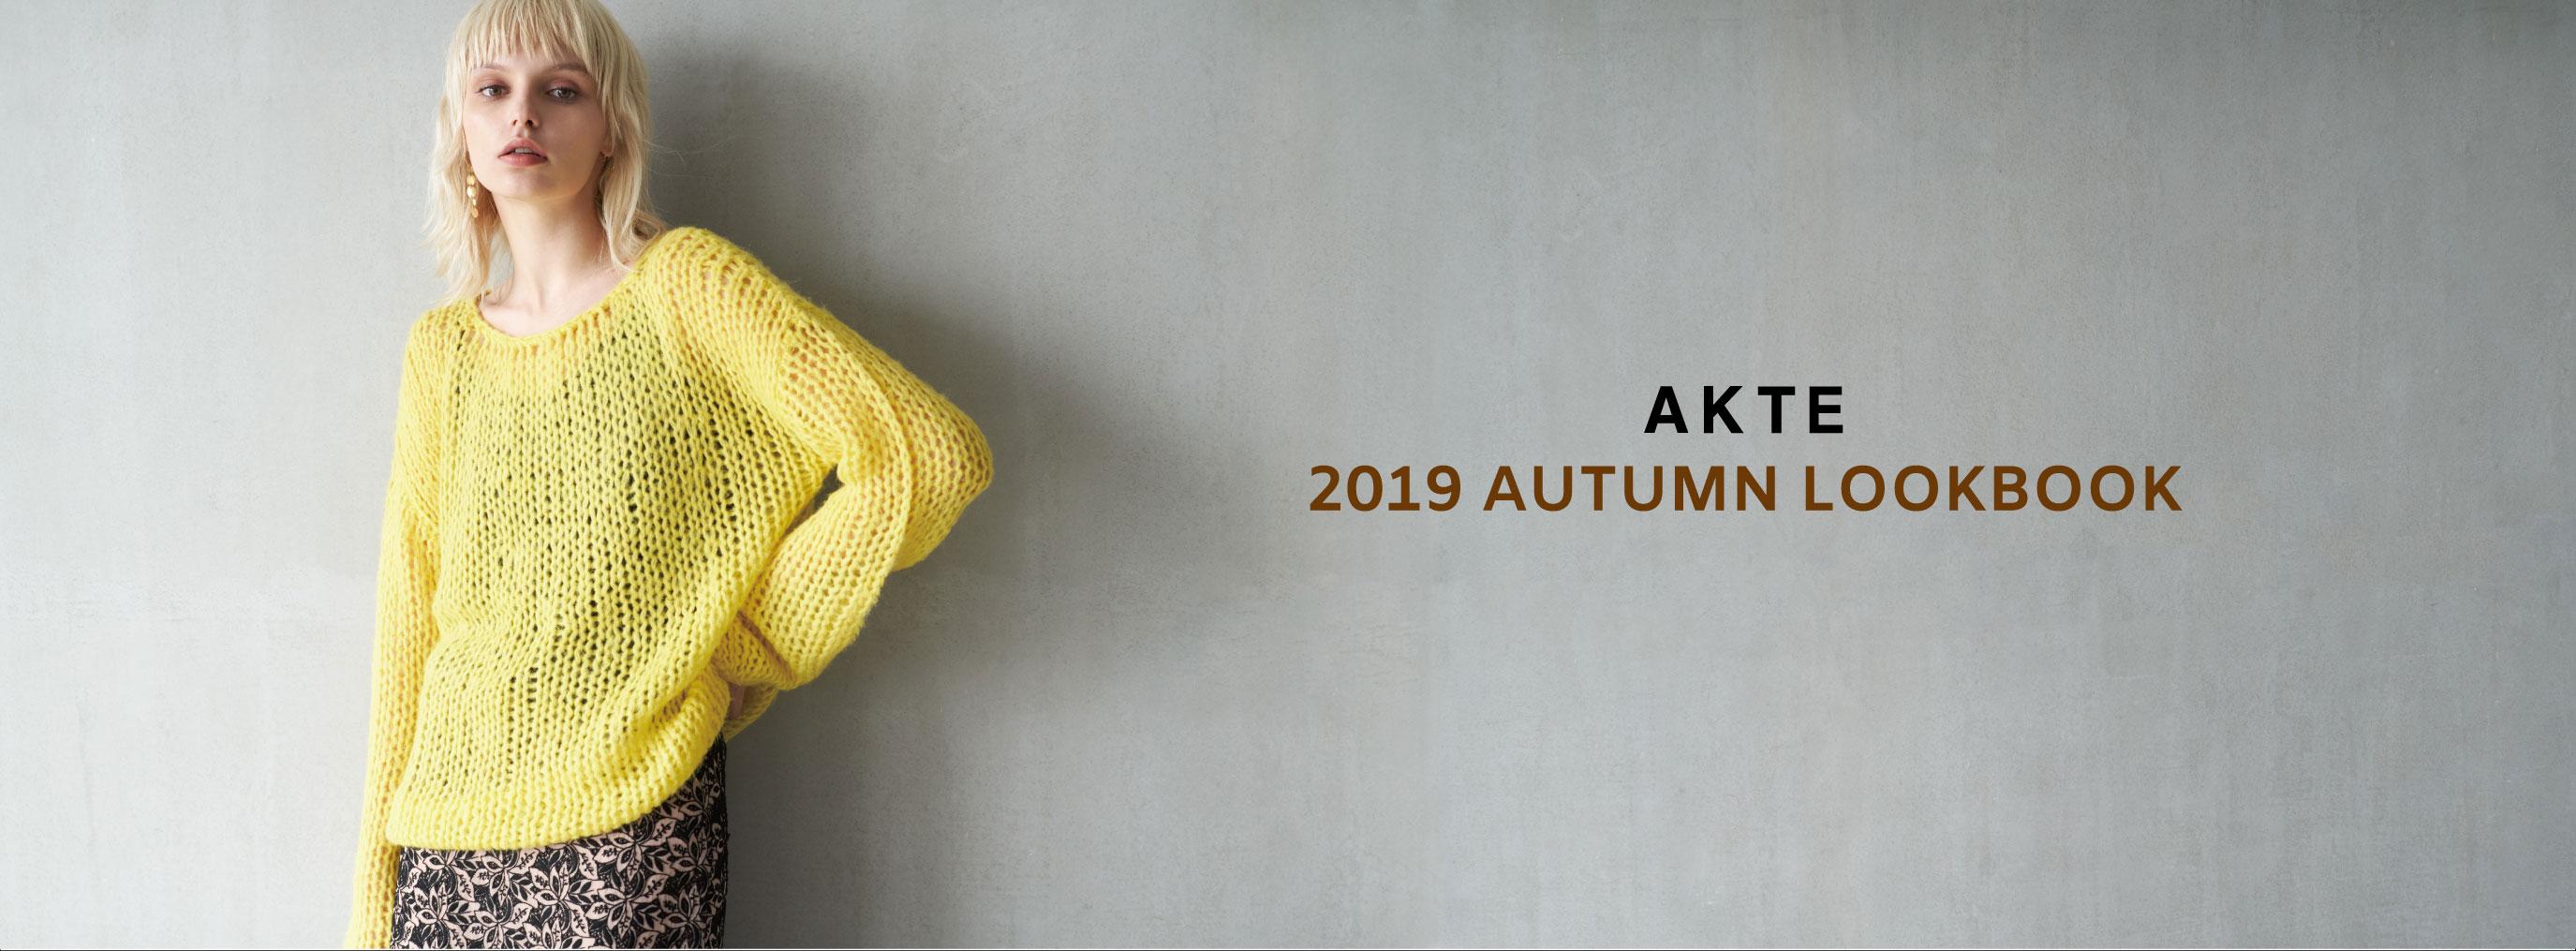 2019 AUTUMN LOOKBOOK